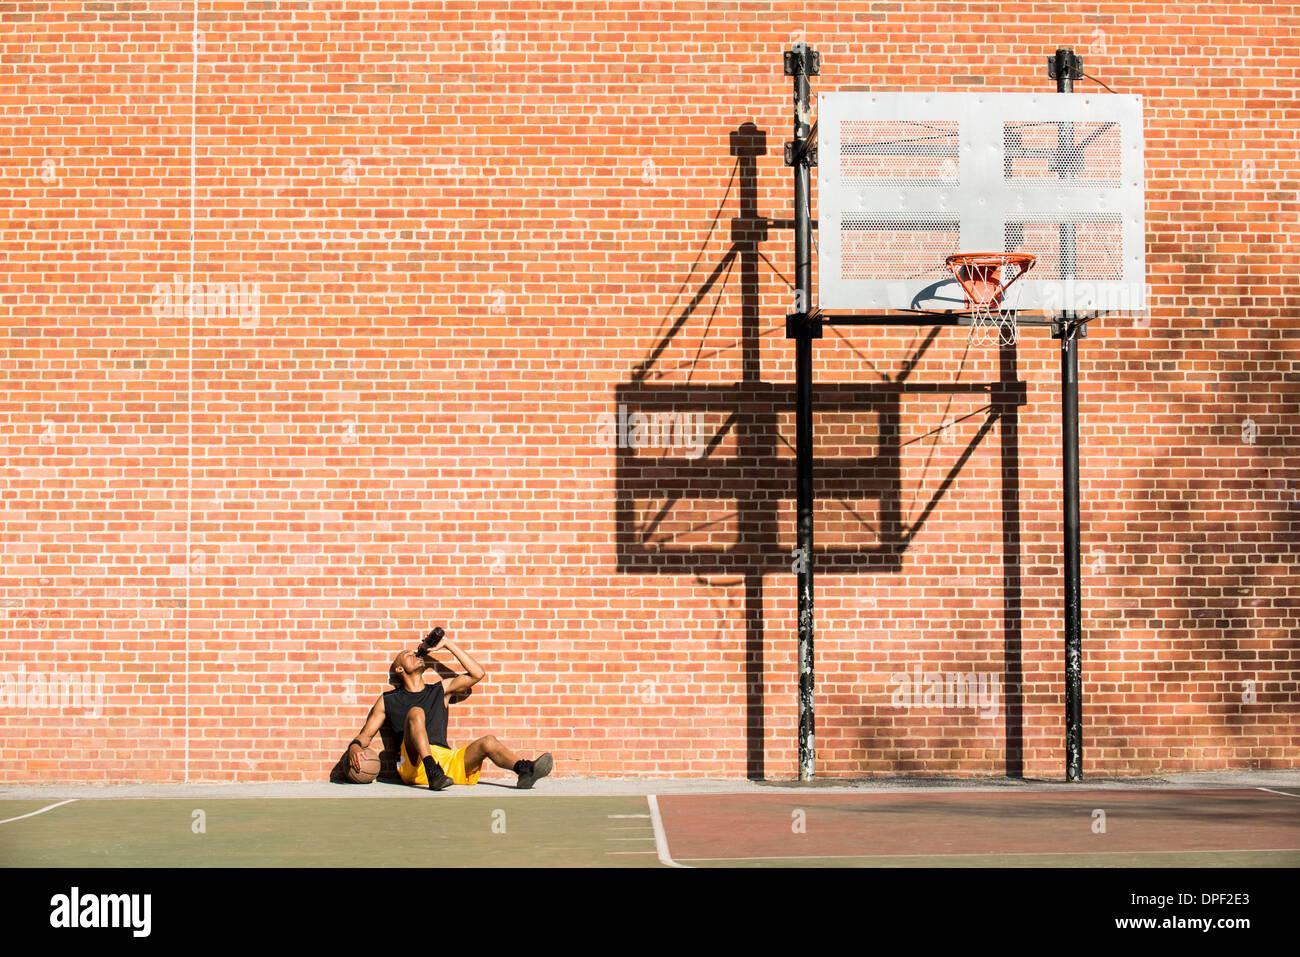 El jugador de baloncesto descansando en la corte Imagen De Stock